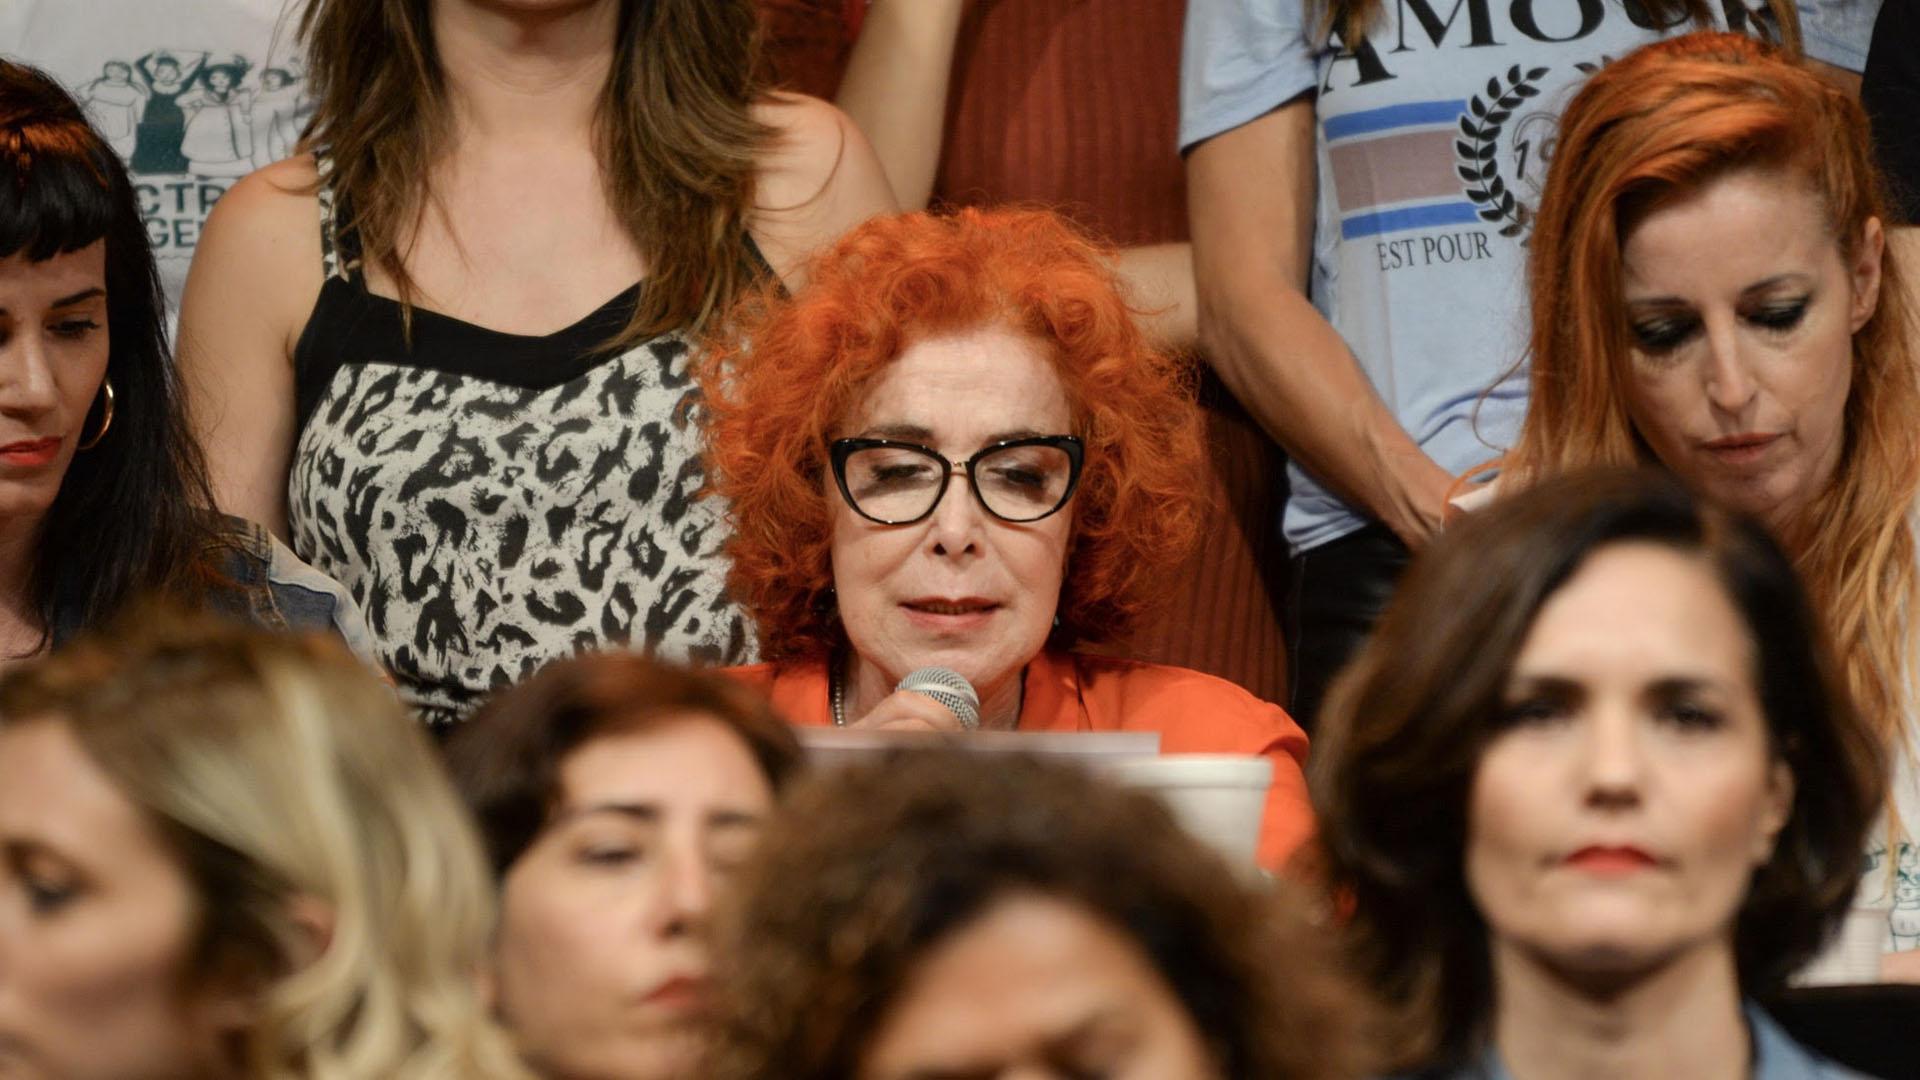 La actriz Mirta Busnelli, en otro de los momentos conmovedores de la jornada